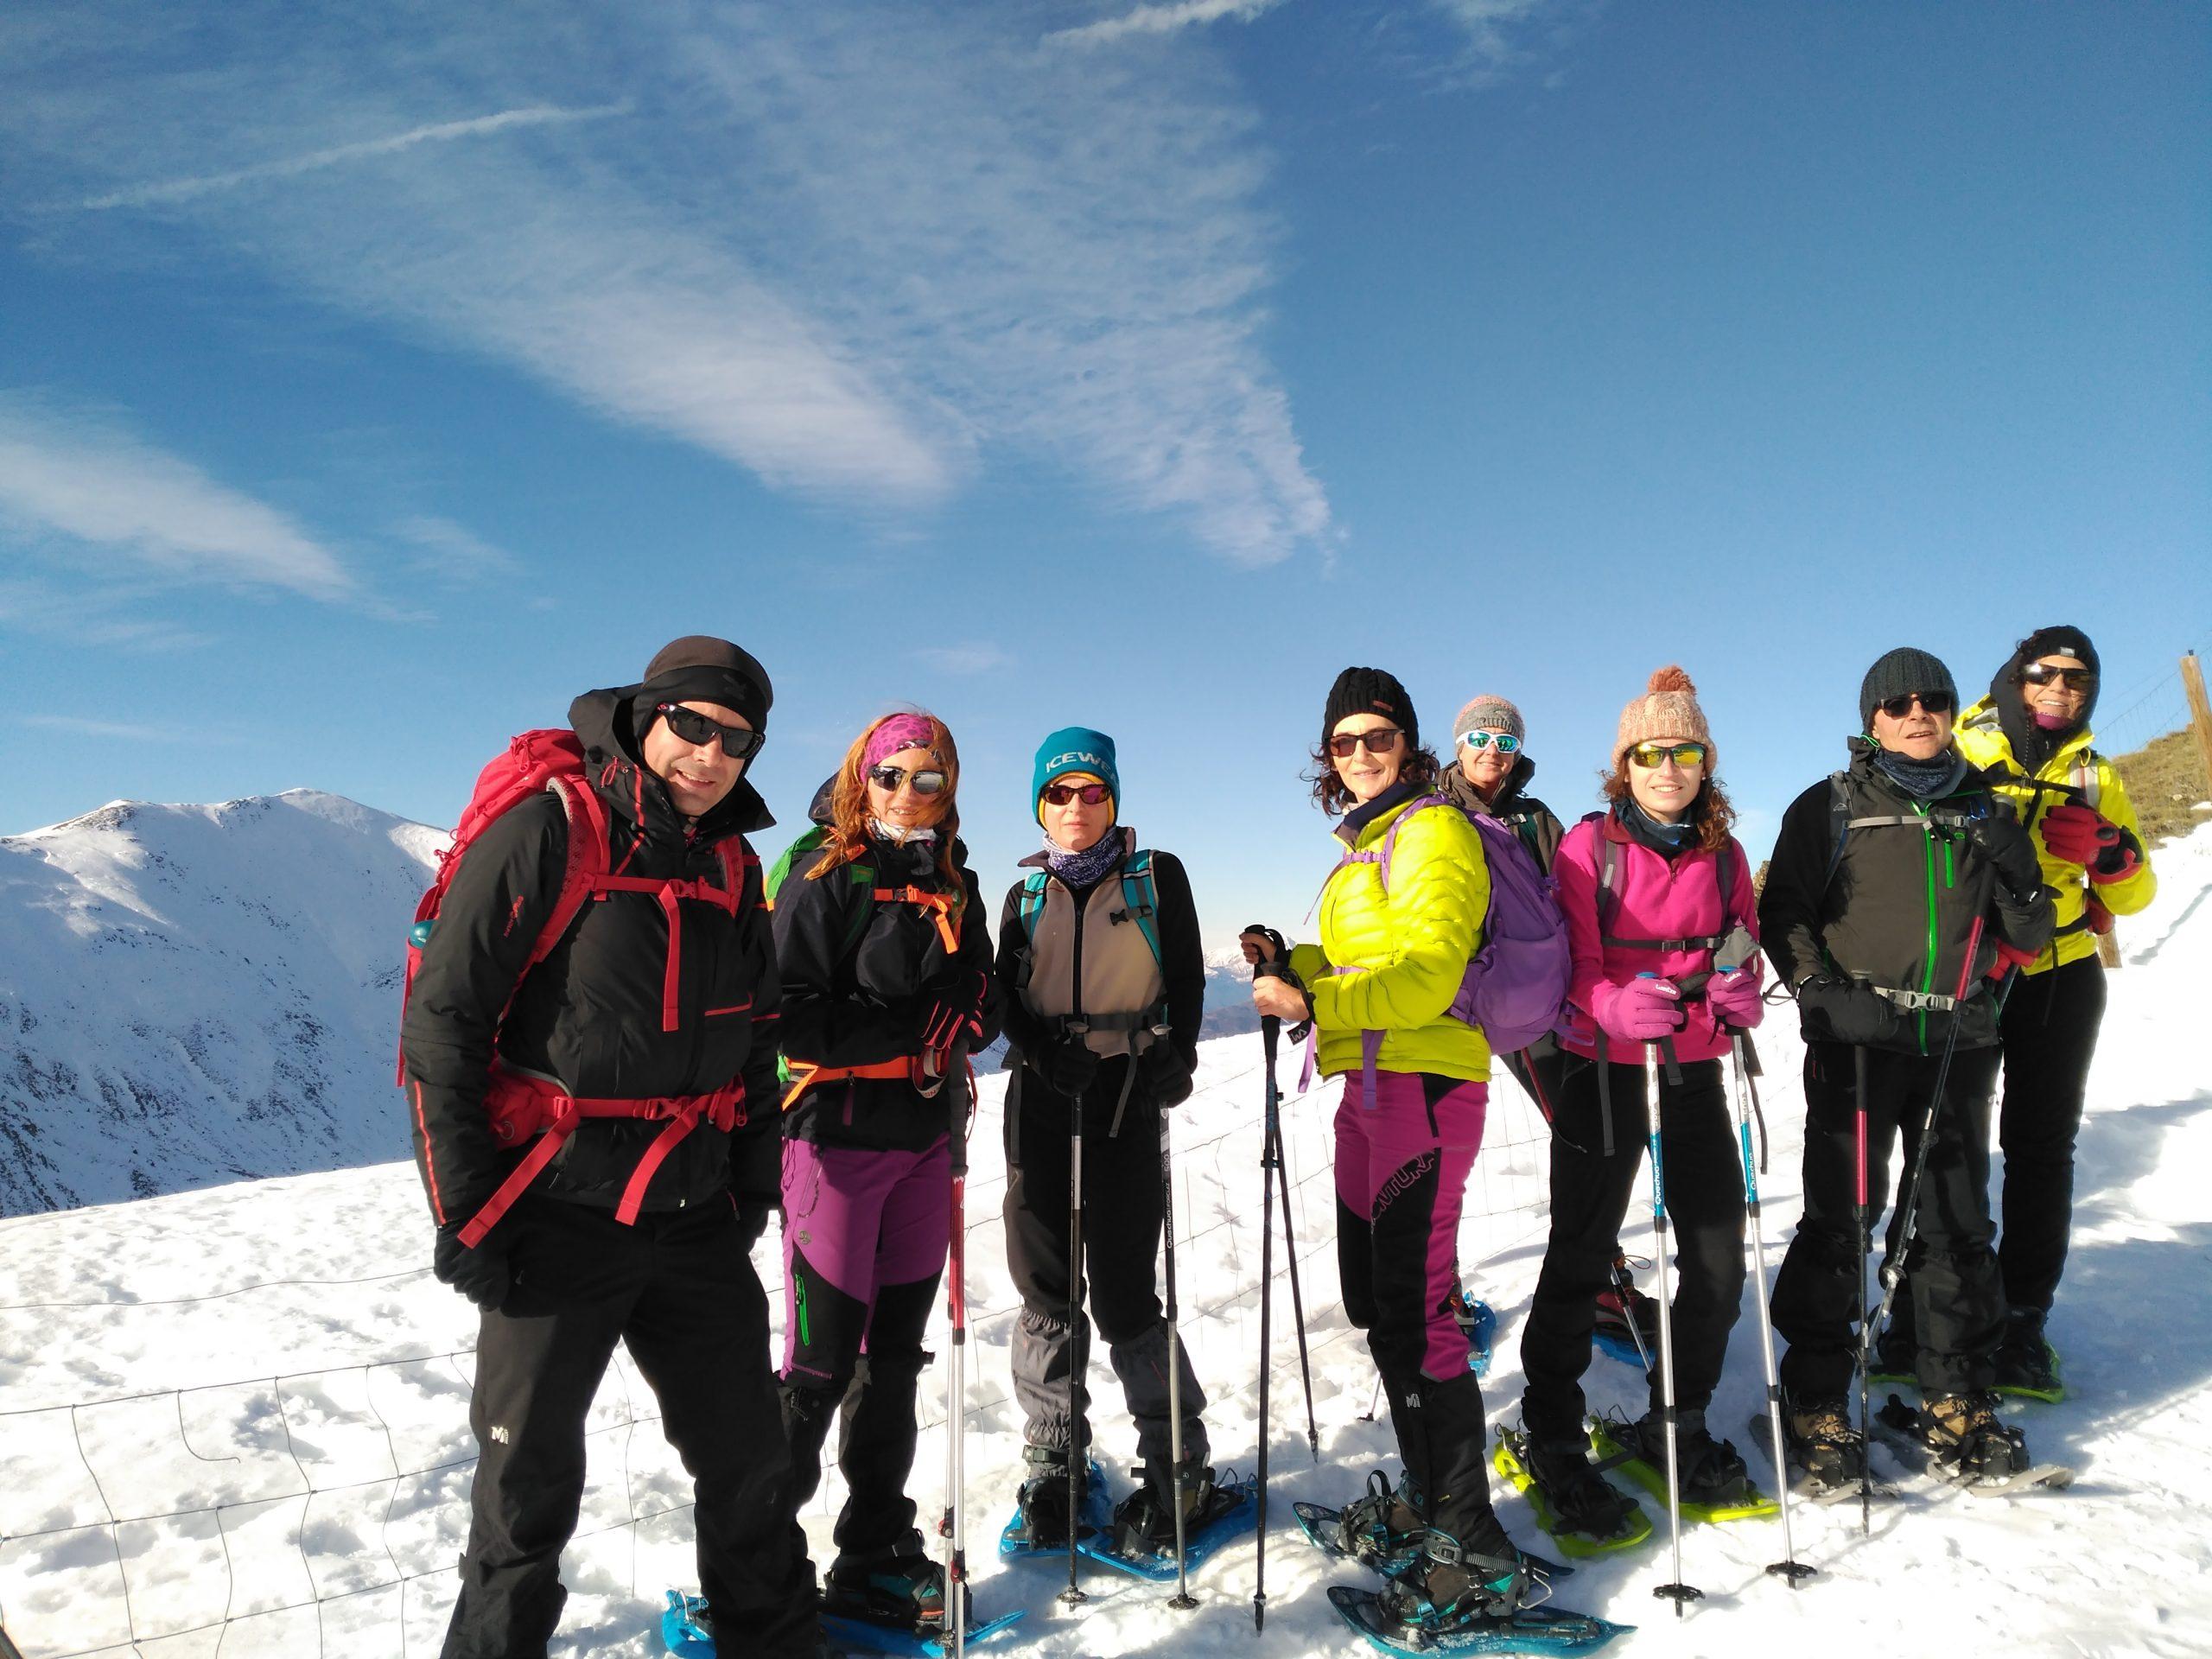 Ascensiones con raquetas de nieve en el Vall de Boí